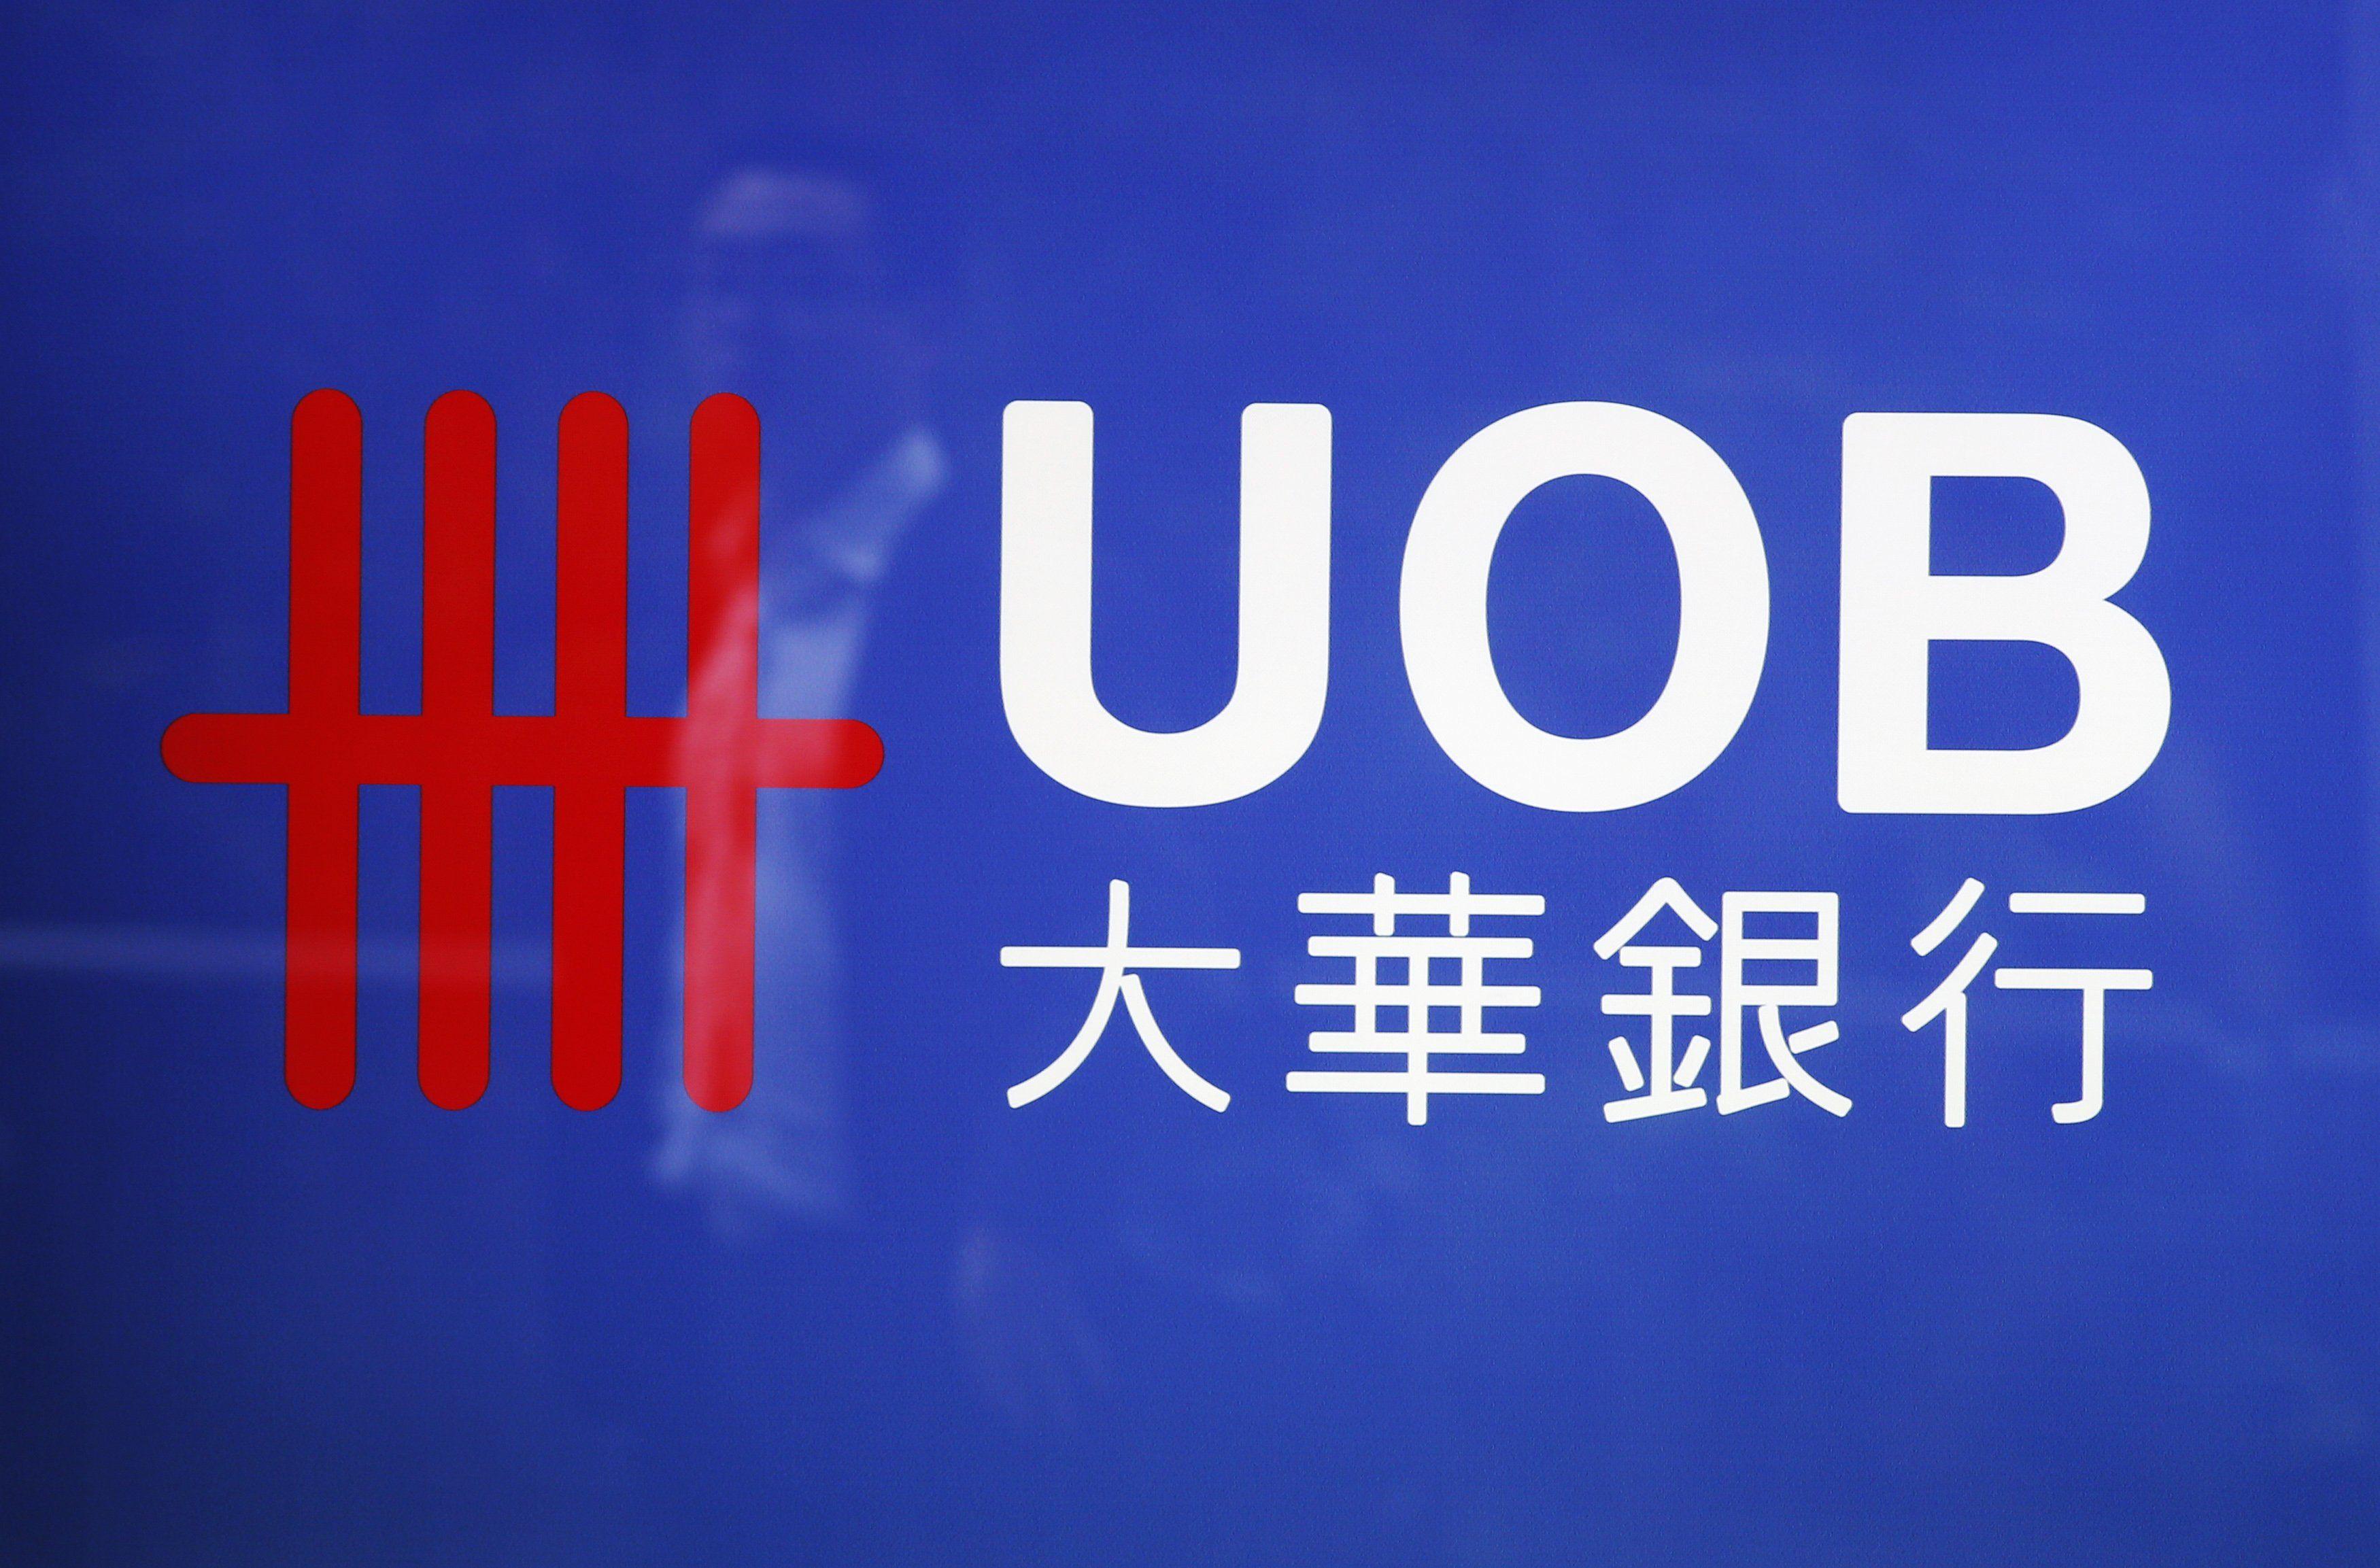 توقعات بنك UOB للأزواج الرئيسية - 26 مايو